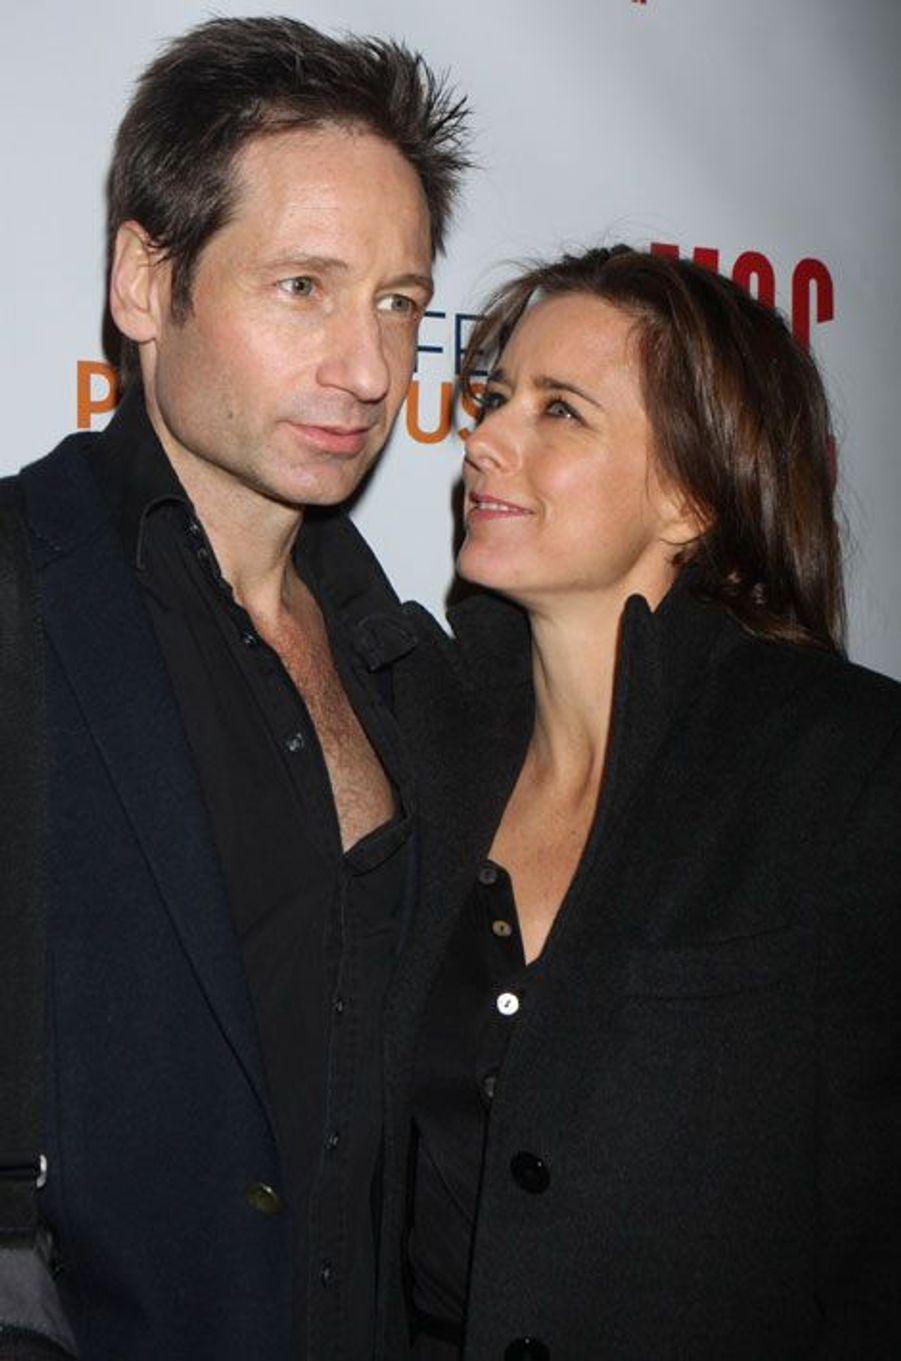 David Duchovny et Téa Leoni ont divorcé après 17 ans de mariage. Le couple était toutefois séparé depuis 2011, mais la procédure est passée complètement inaperçue à Hollywood, tous deux ayant réglé les détails de leur séparation à l'amiable et dans la plus grande discrétion.